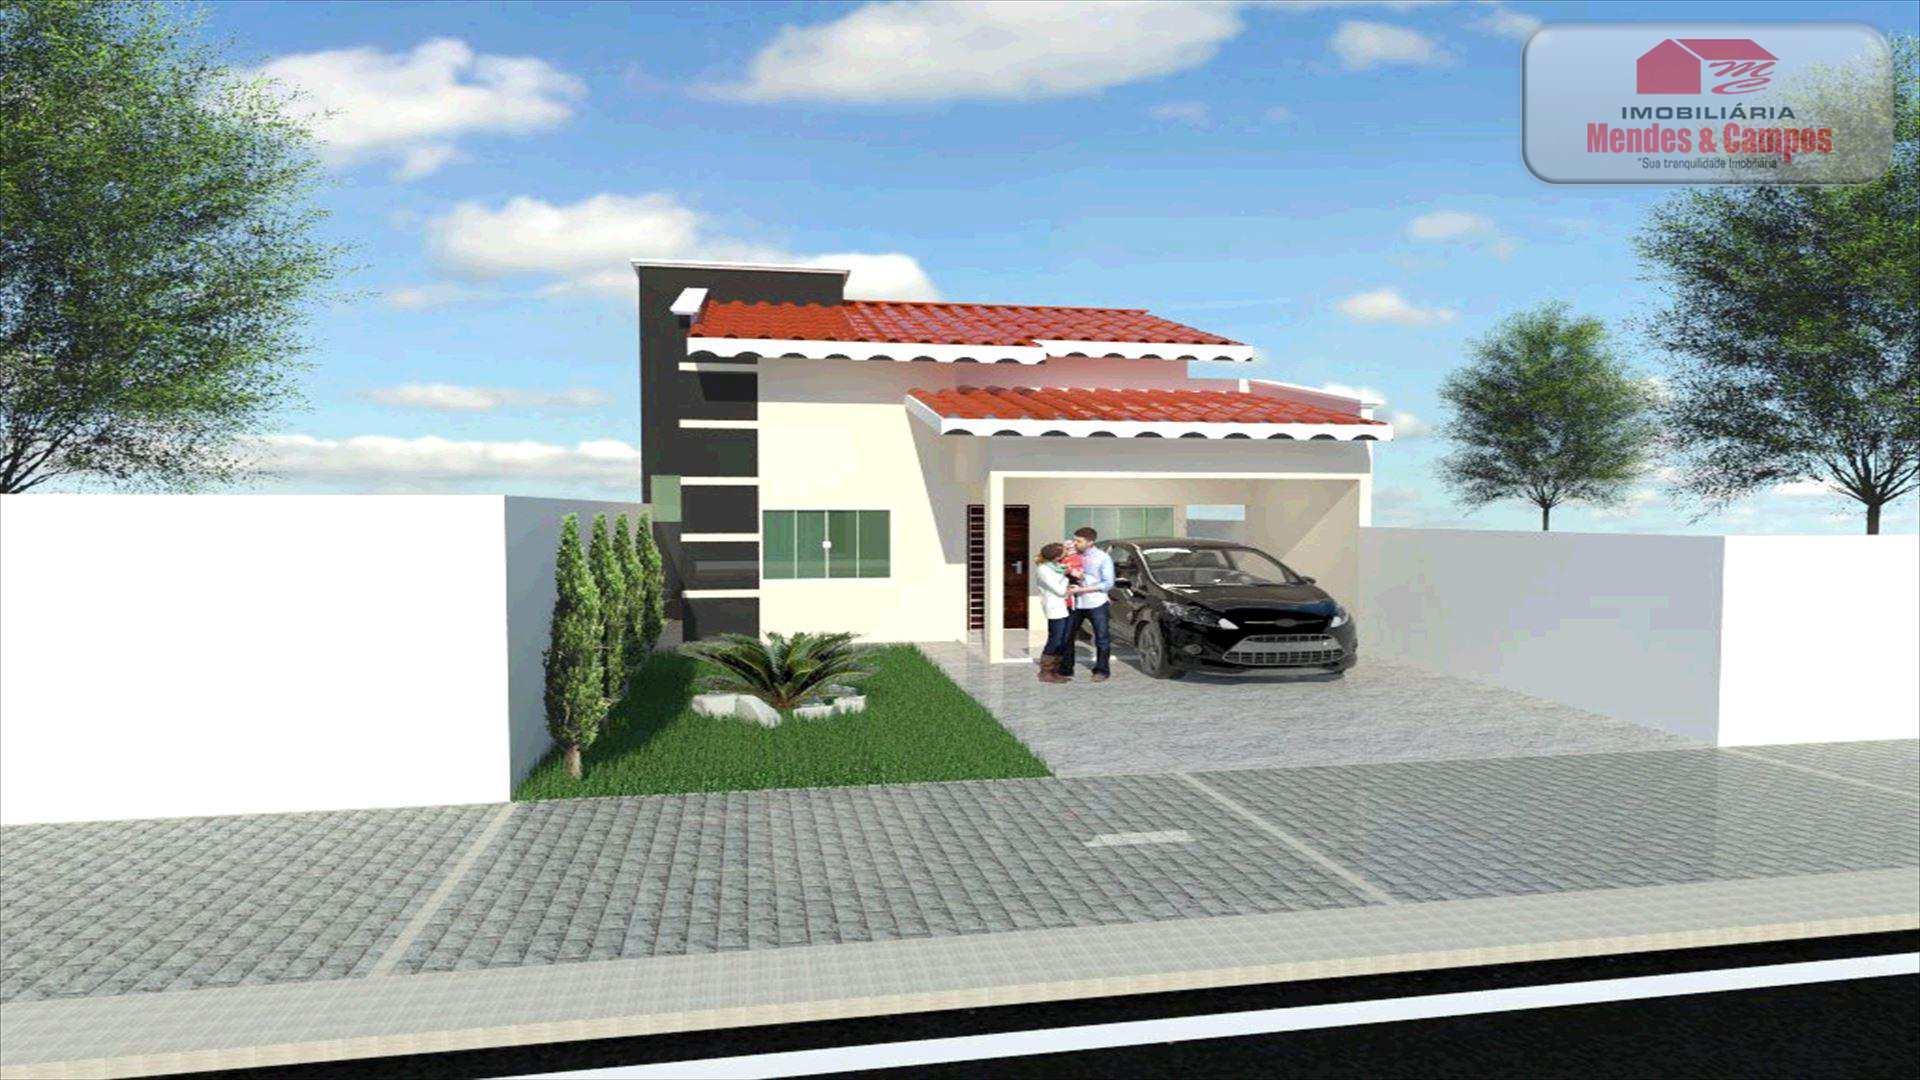 Casa com 2 dorms, Jardim das Palmeiras, Ariquemes - R$ 180 mil, Cod: 3086